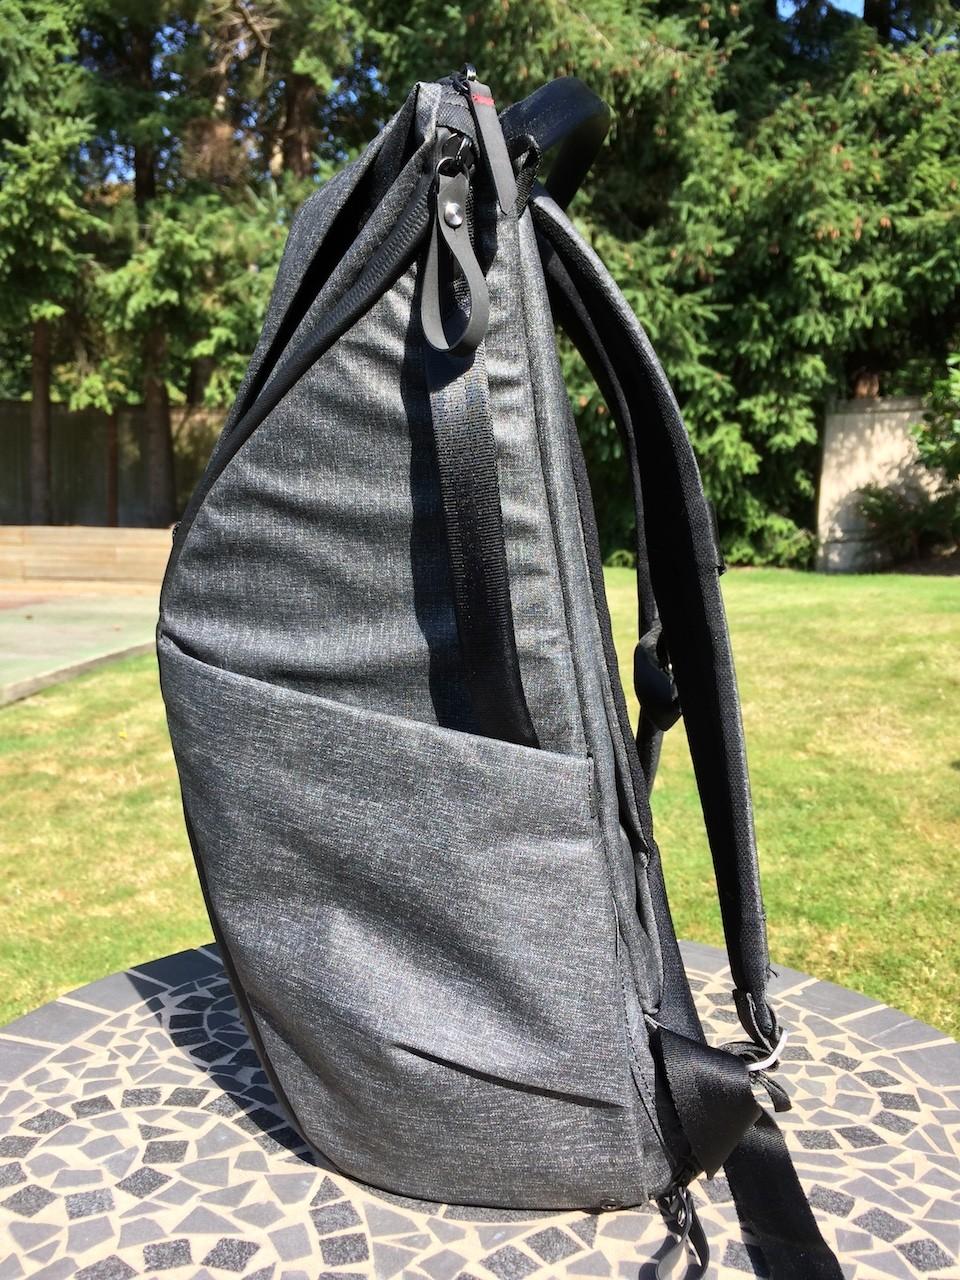 Peak Design Everyday Backpack side view